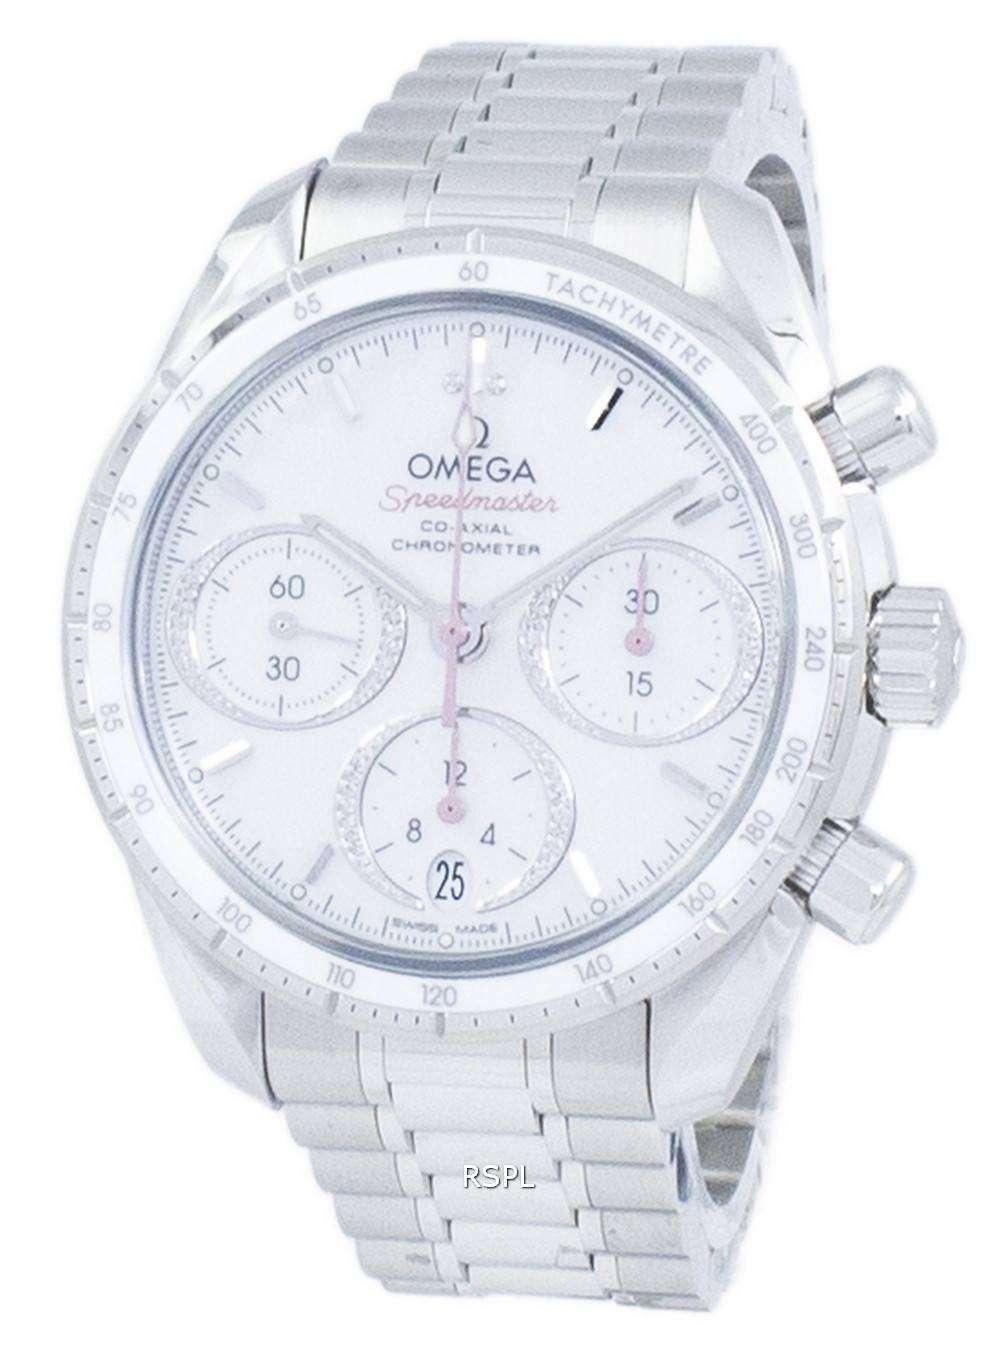 オメガ スピード マスター コーアクシャル クロノグラフ自動 324.30.38.50.55.001 メンズ腕時計